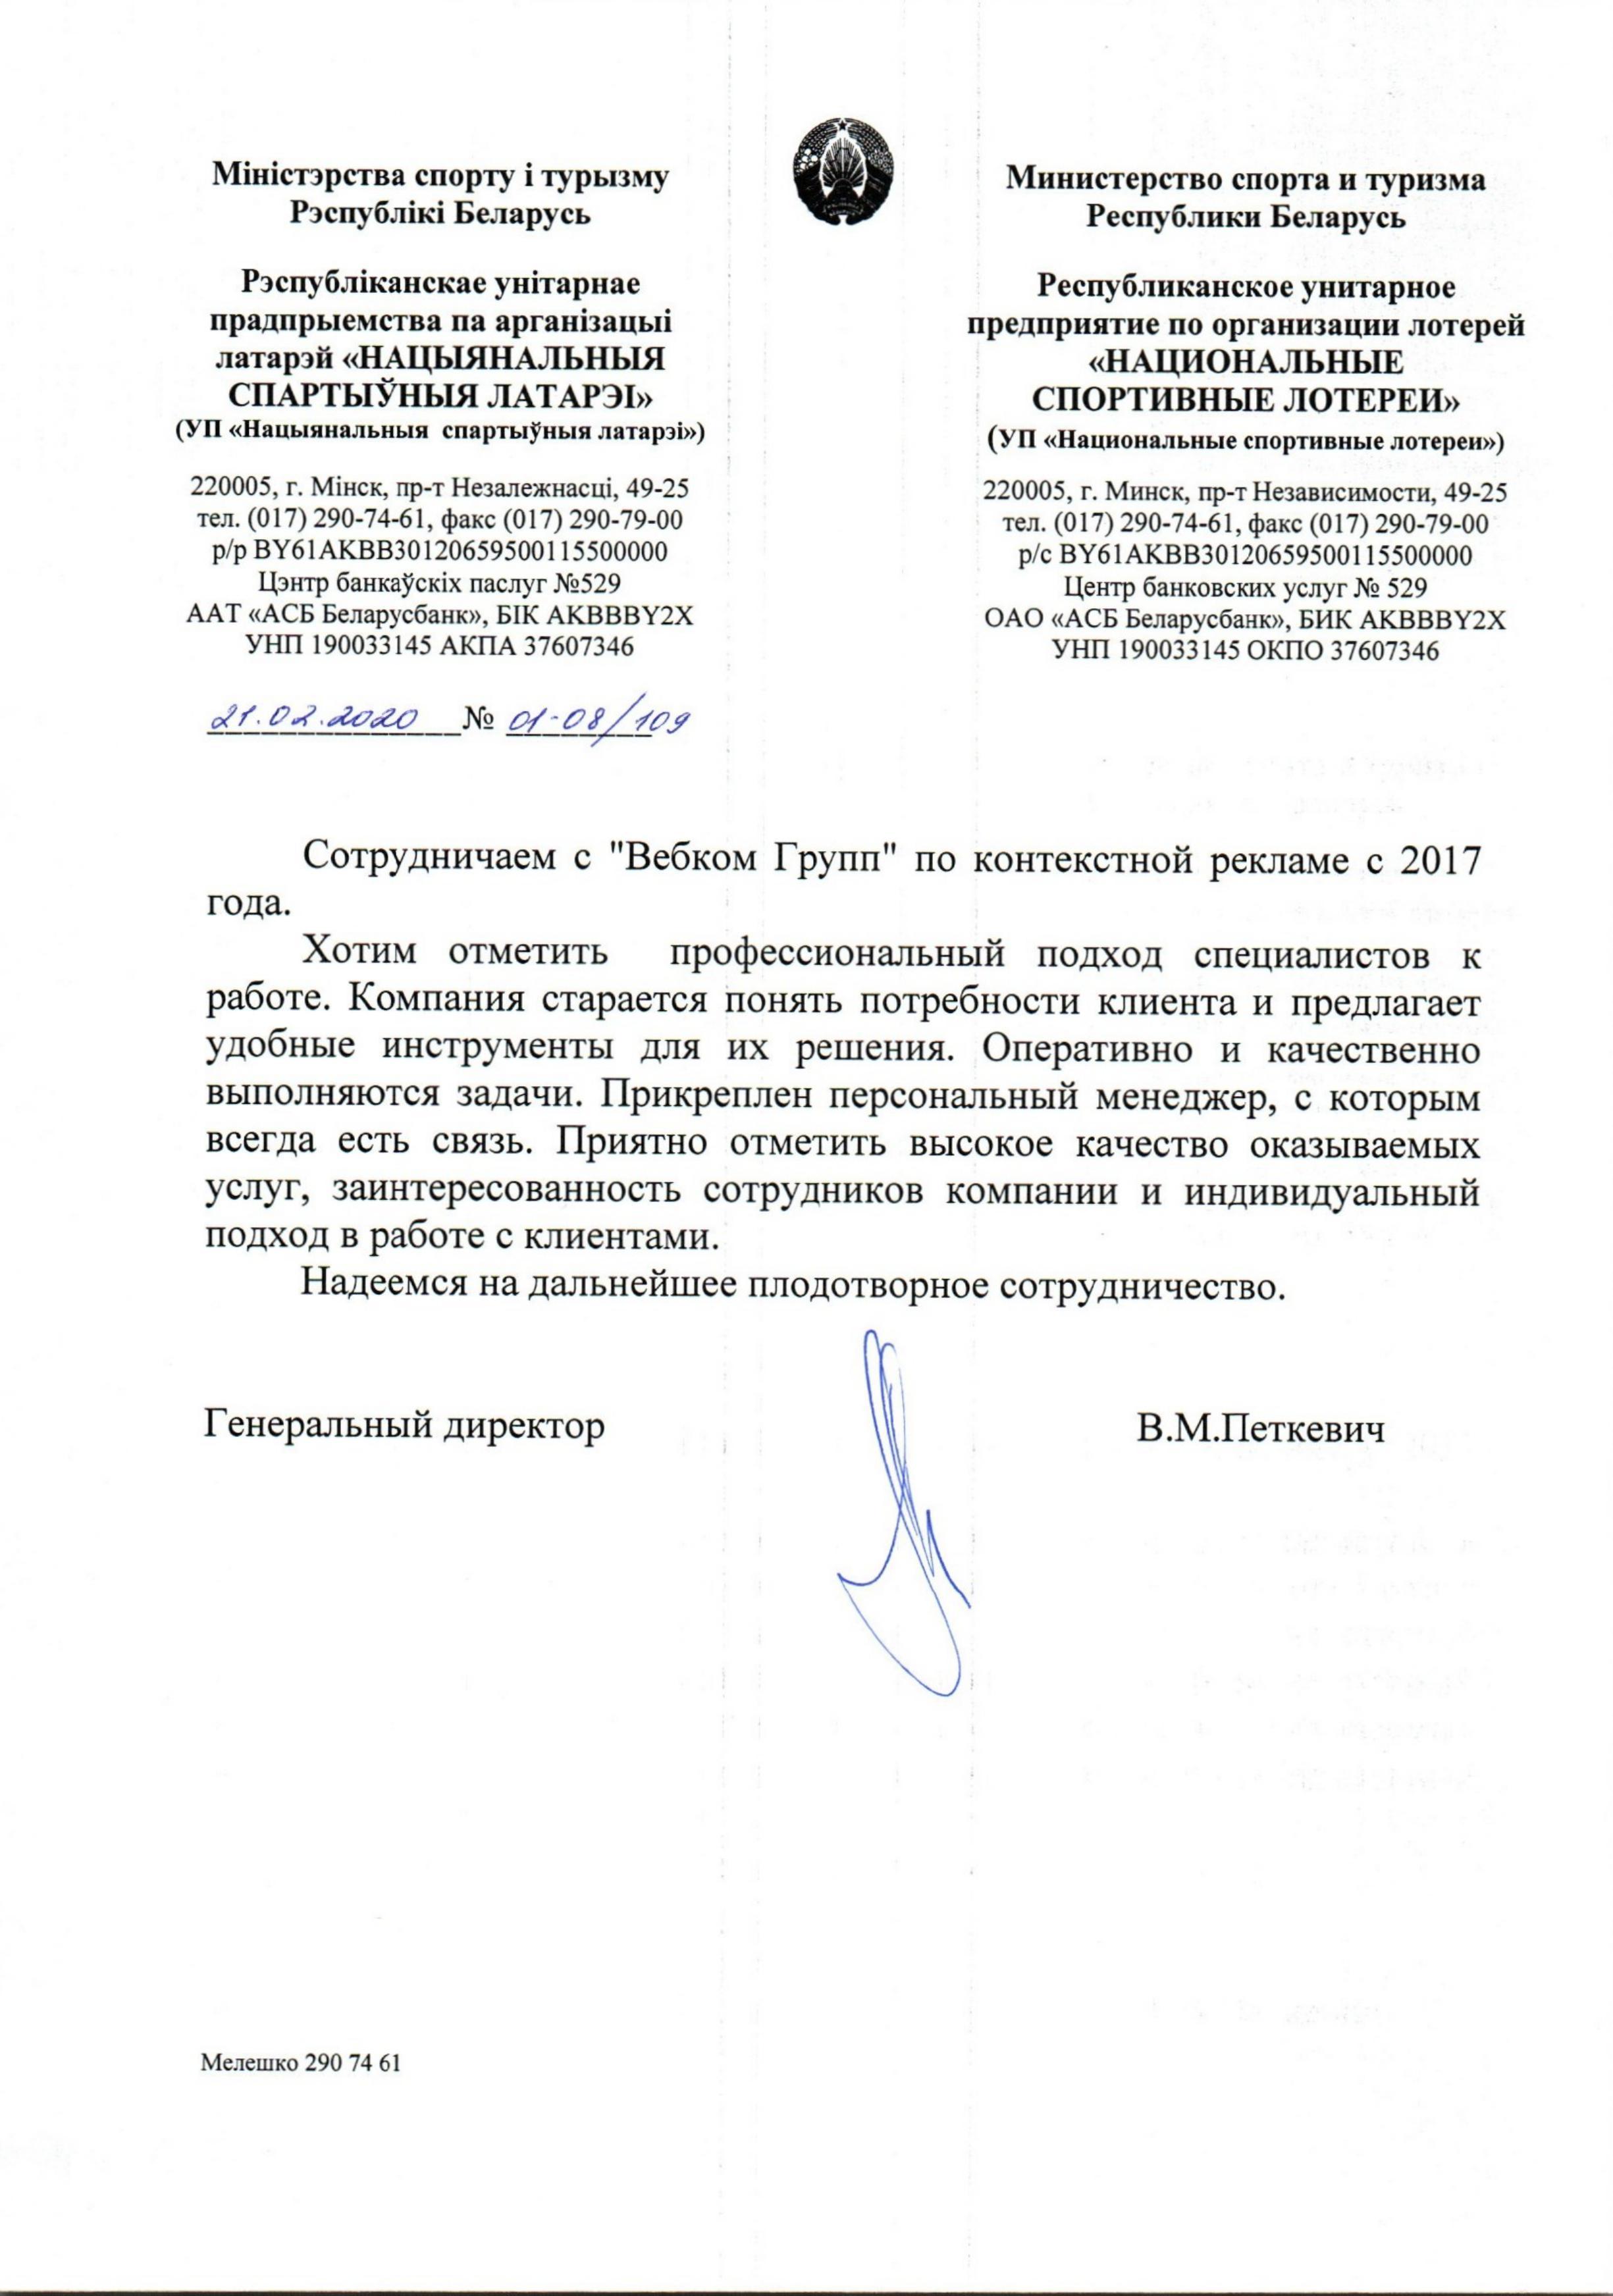 Генеральный директор РУП 'Национальные спортивные лотереи'